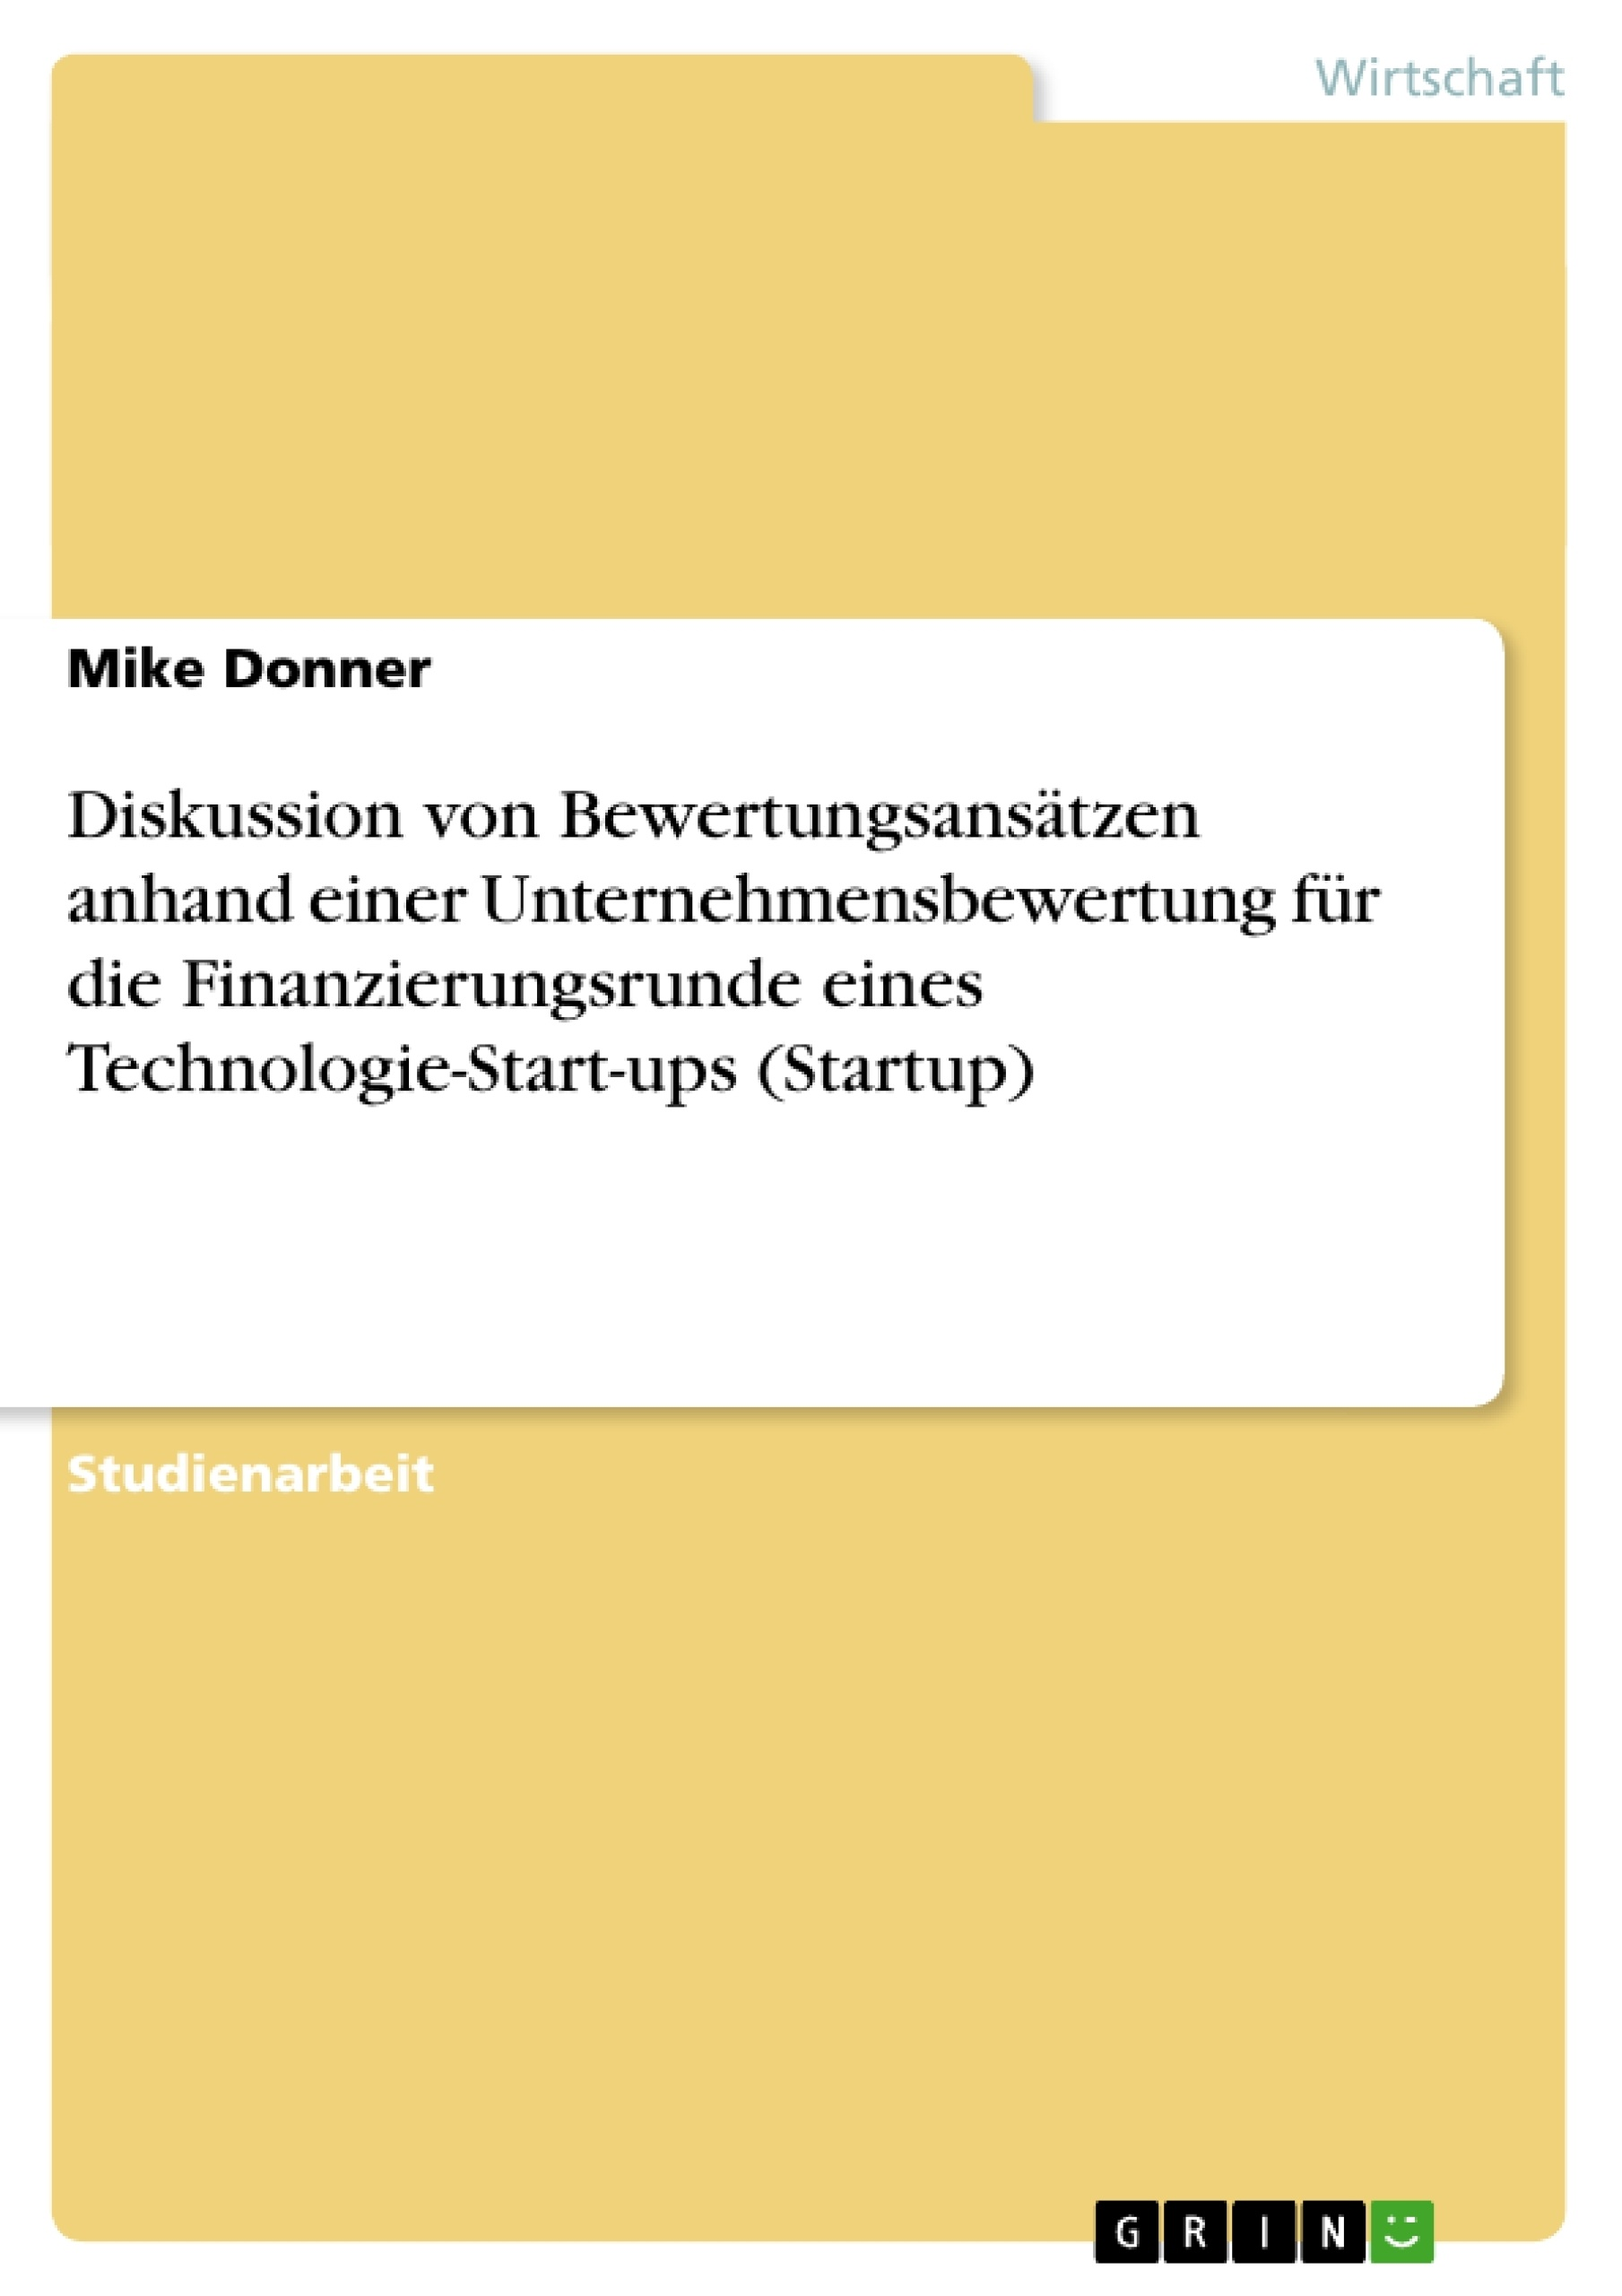 Titel: Diskussion von Bewertungsansätzen anhand einer Unternehmensbewertung für die Finanzierungsrunde eines Technologie-Start-ups (Startup)